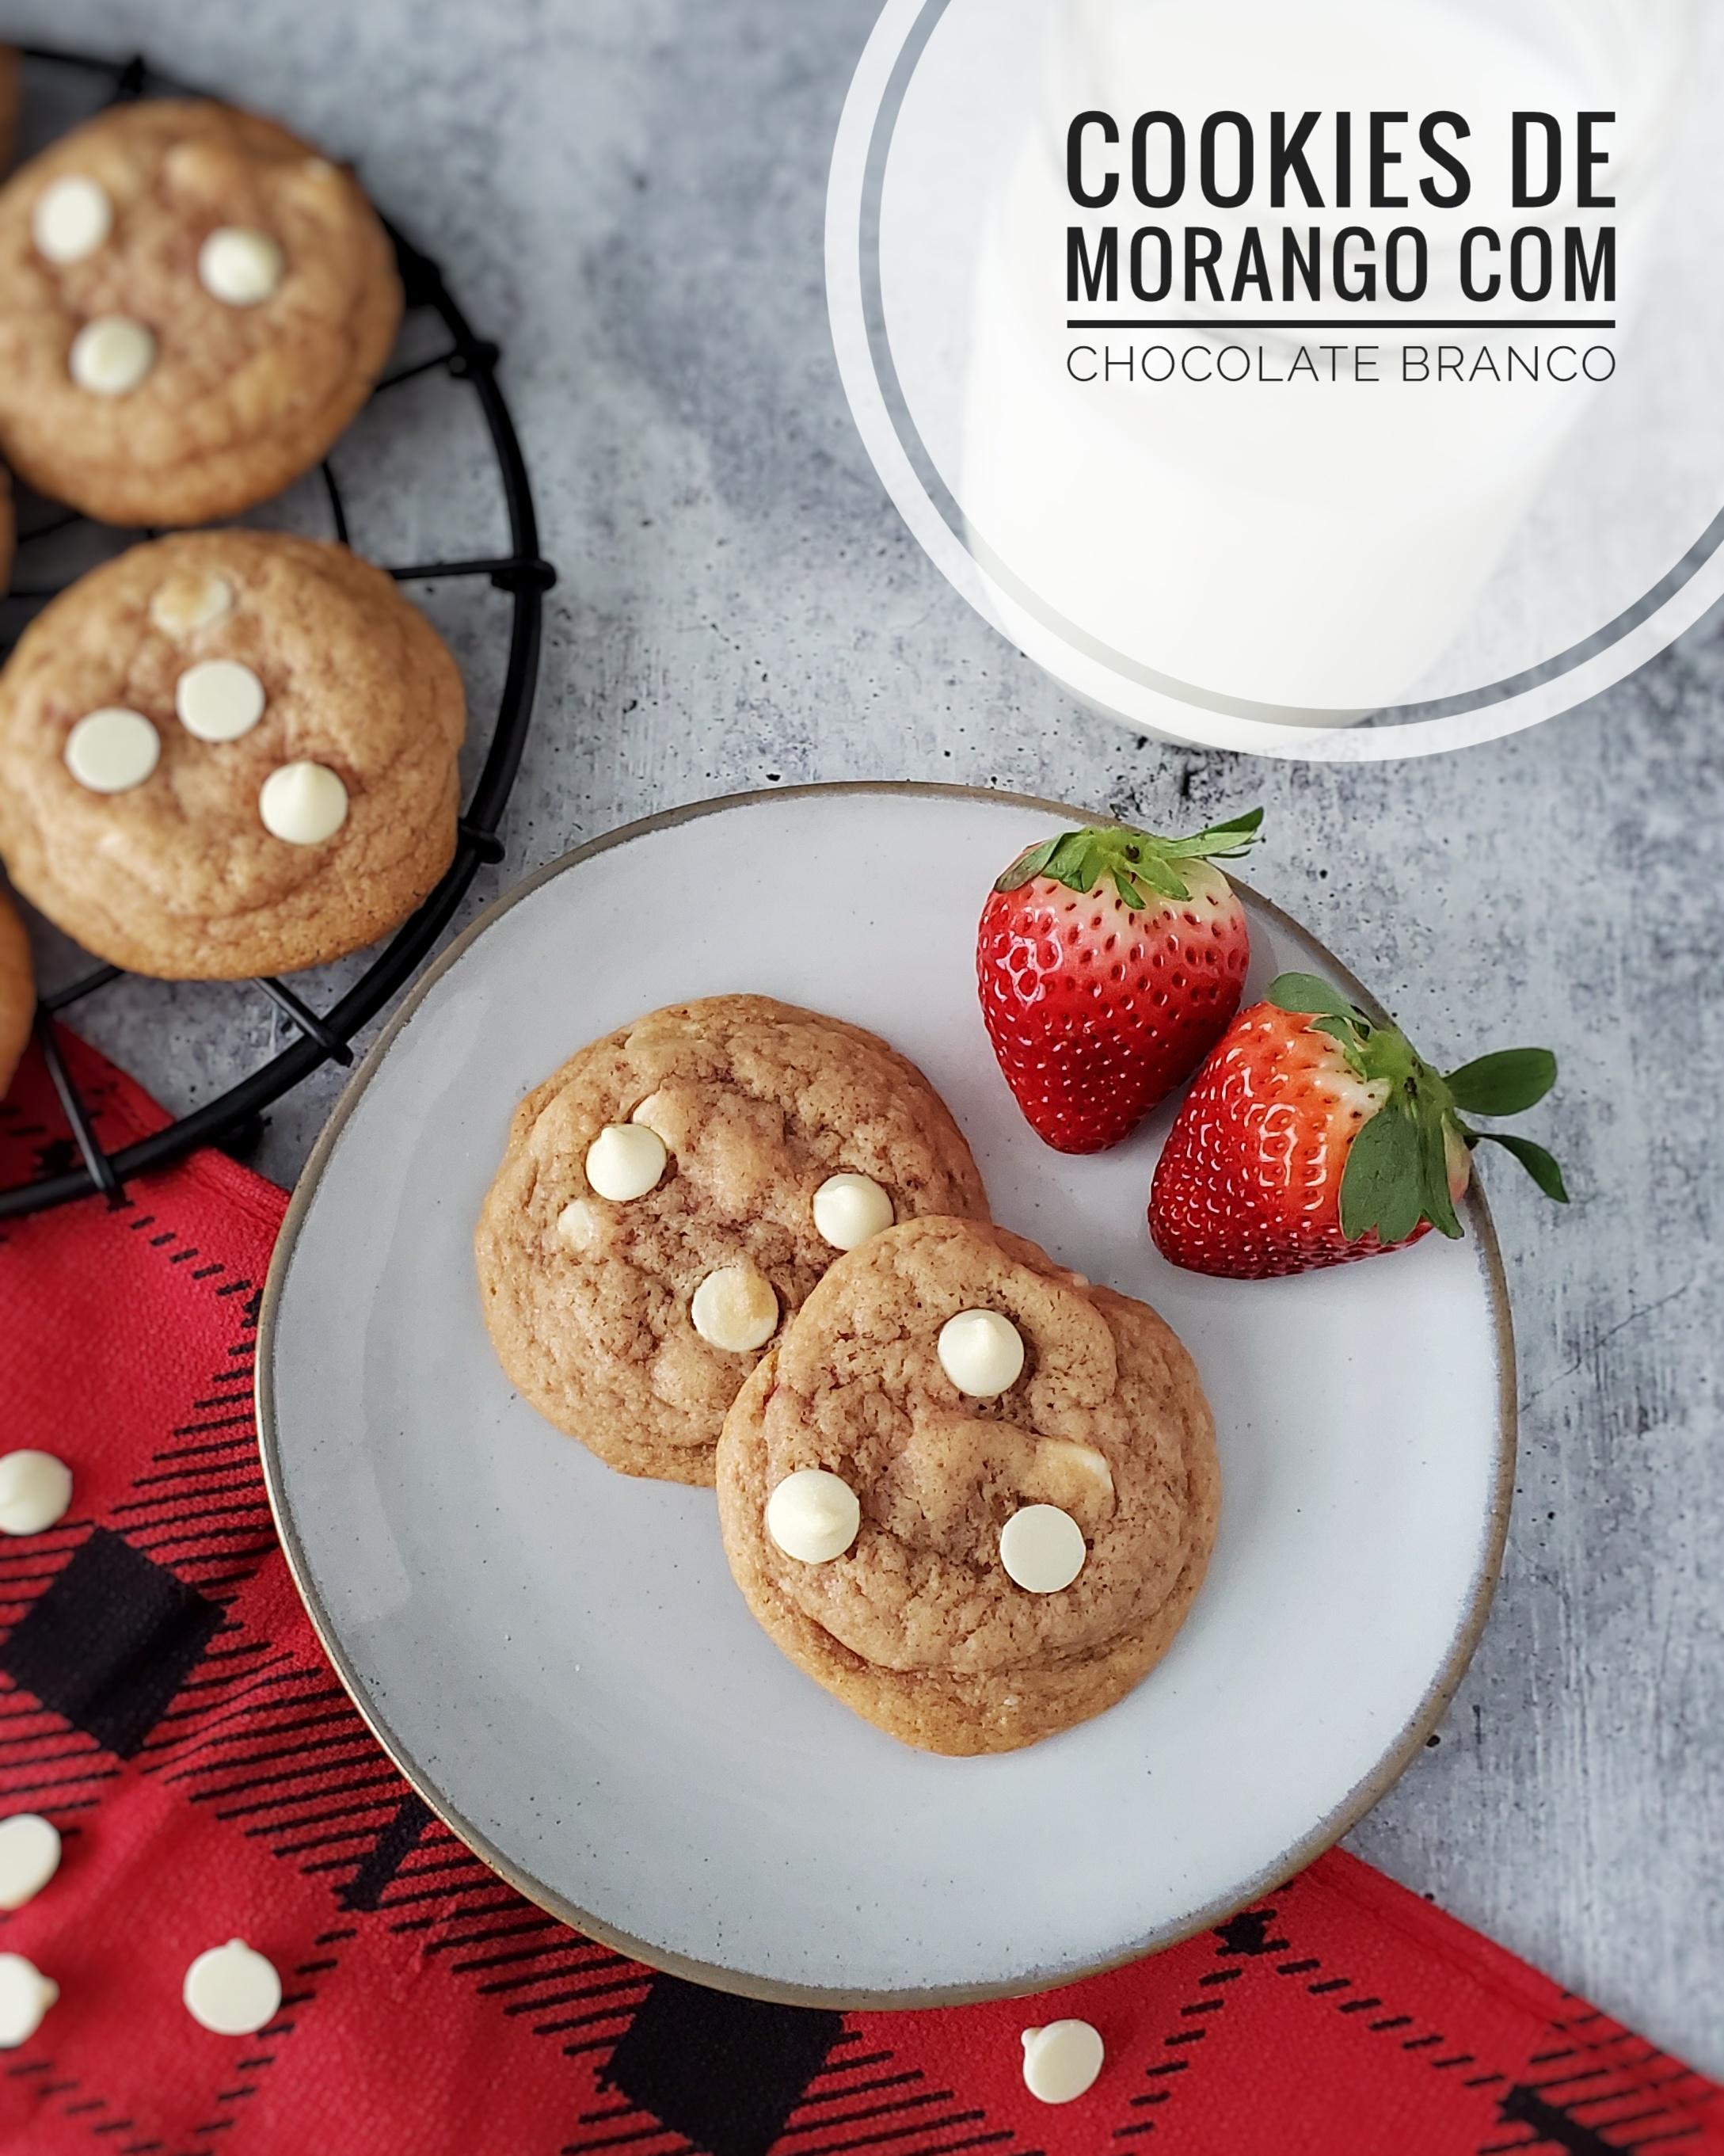 Cookies de Morango com Chocolate Branco